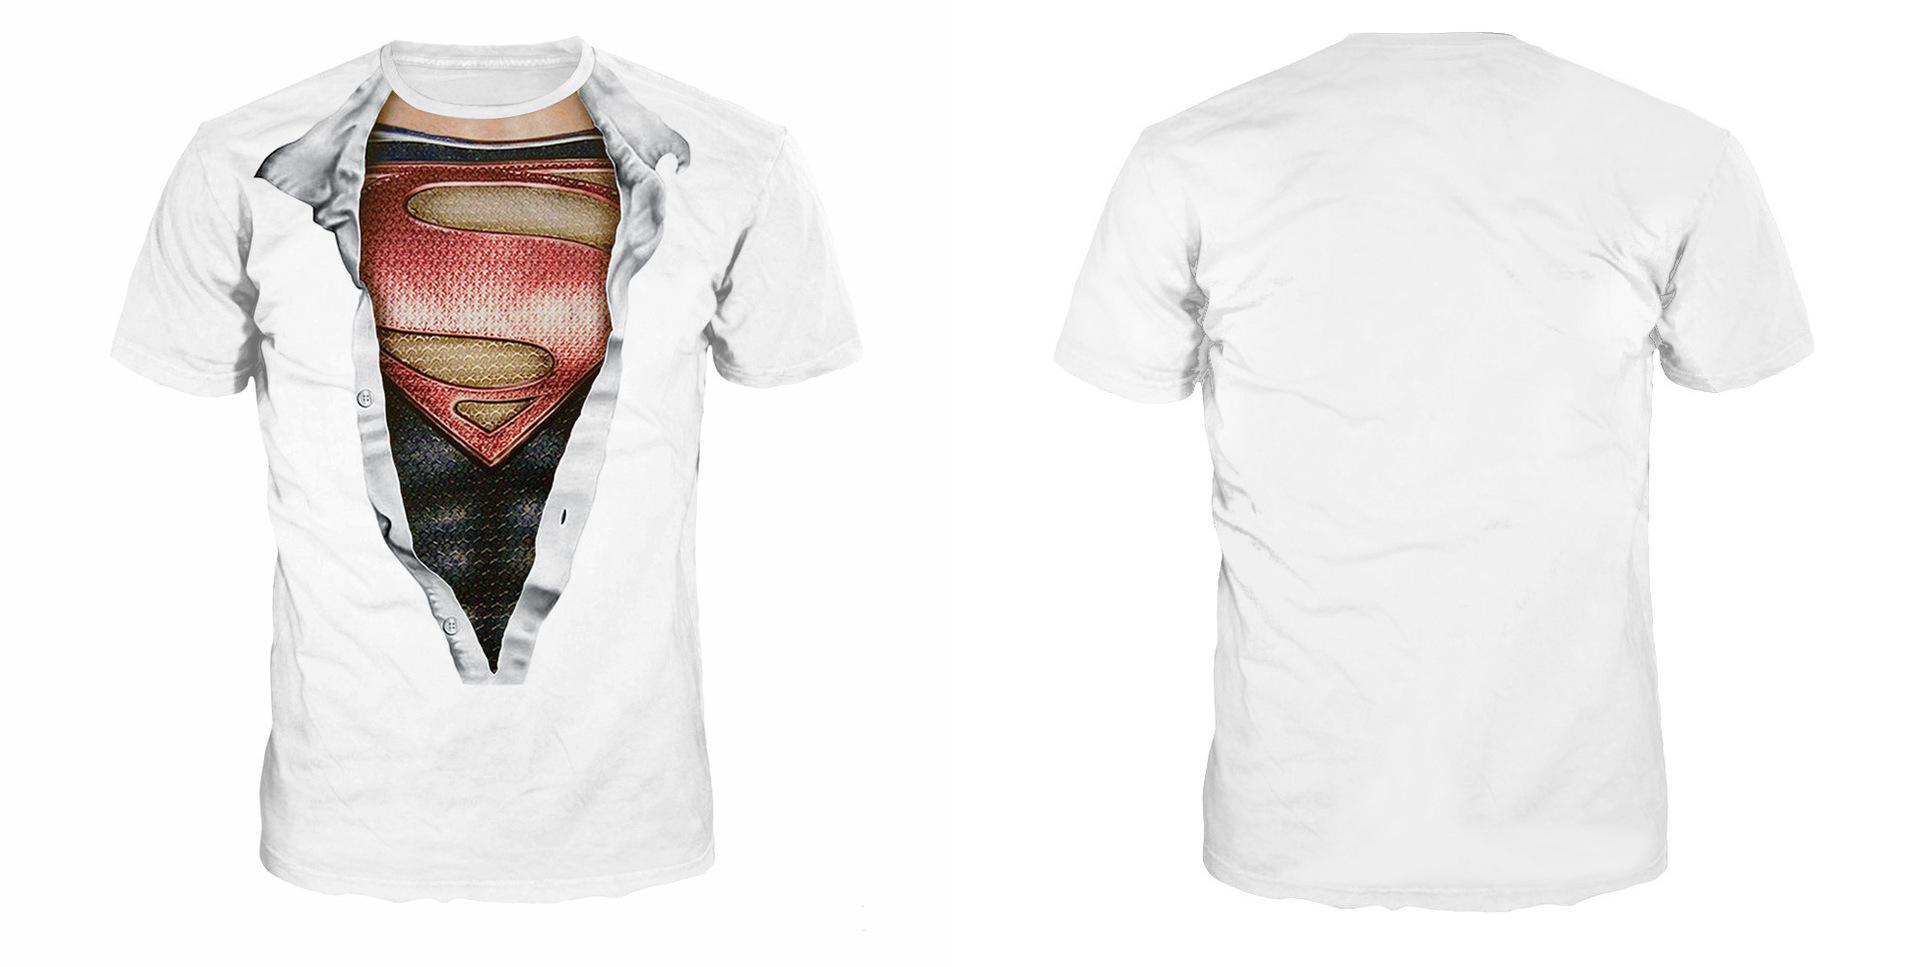 Disfraz de Halloween Mujeres Camisetas con estampado 3d Camisetas con estampado de superhéroe para hombre Blanco de manga corta Unisex Ropa sorpresa única S-3XL